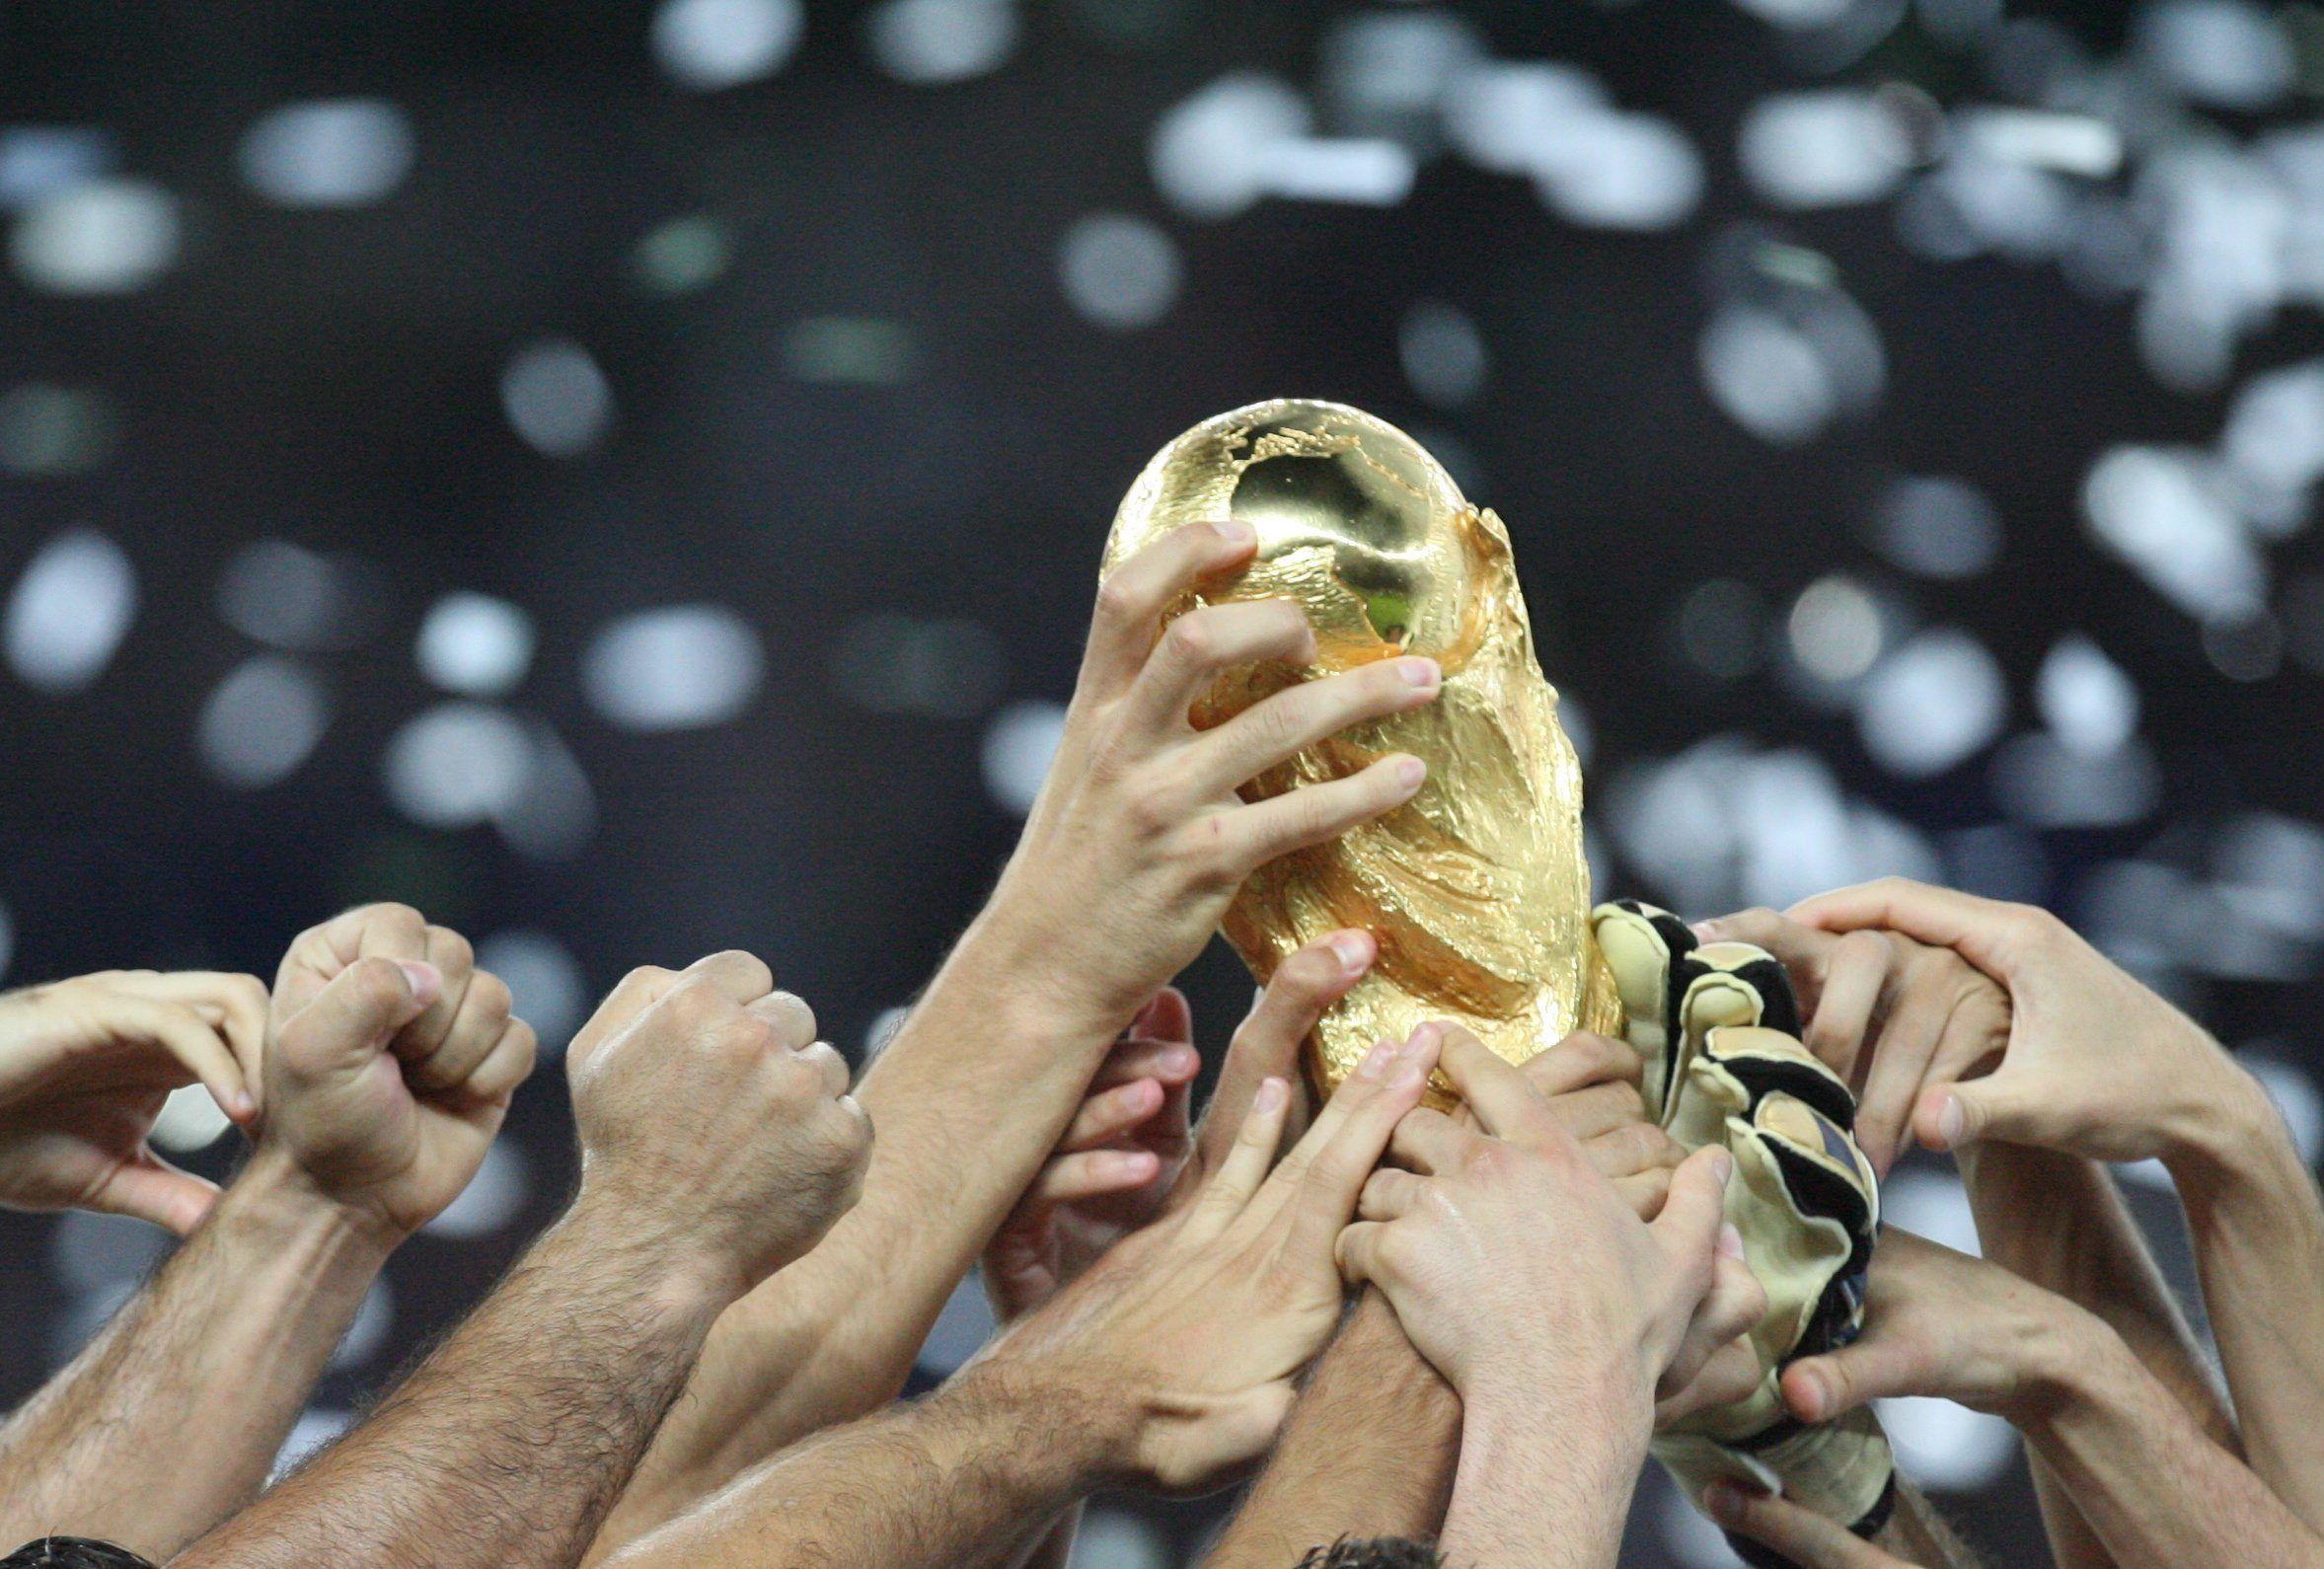 Archivo del 9 de julio de 2006 que muestra el trofeo del Mundial de laFIFA. Foto: EFE